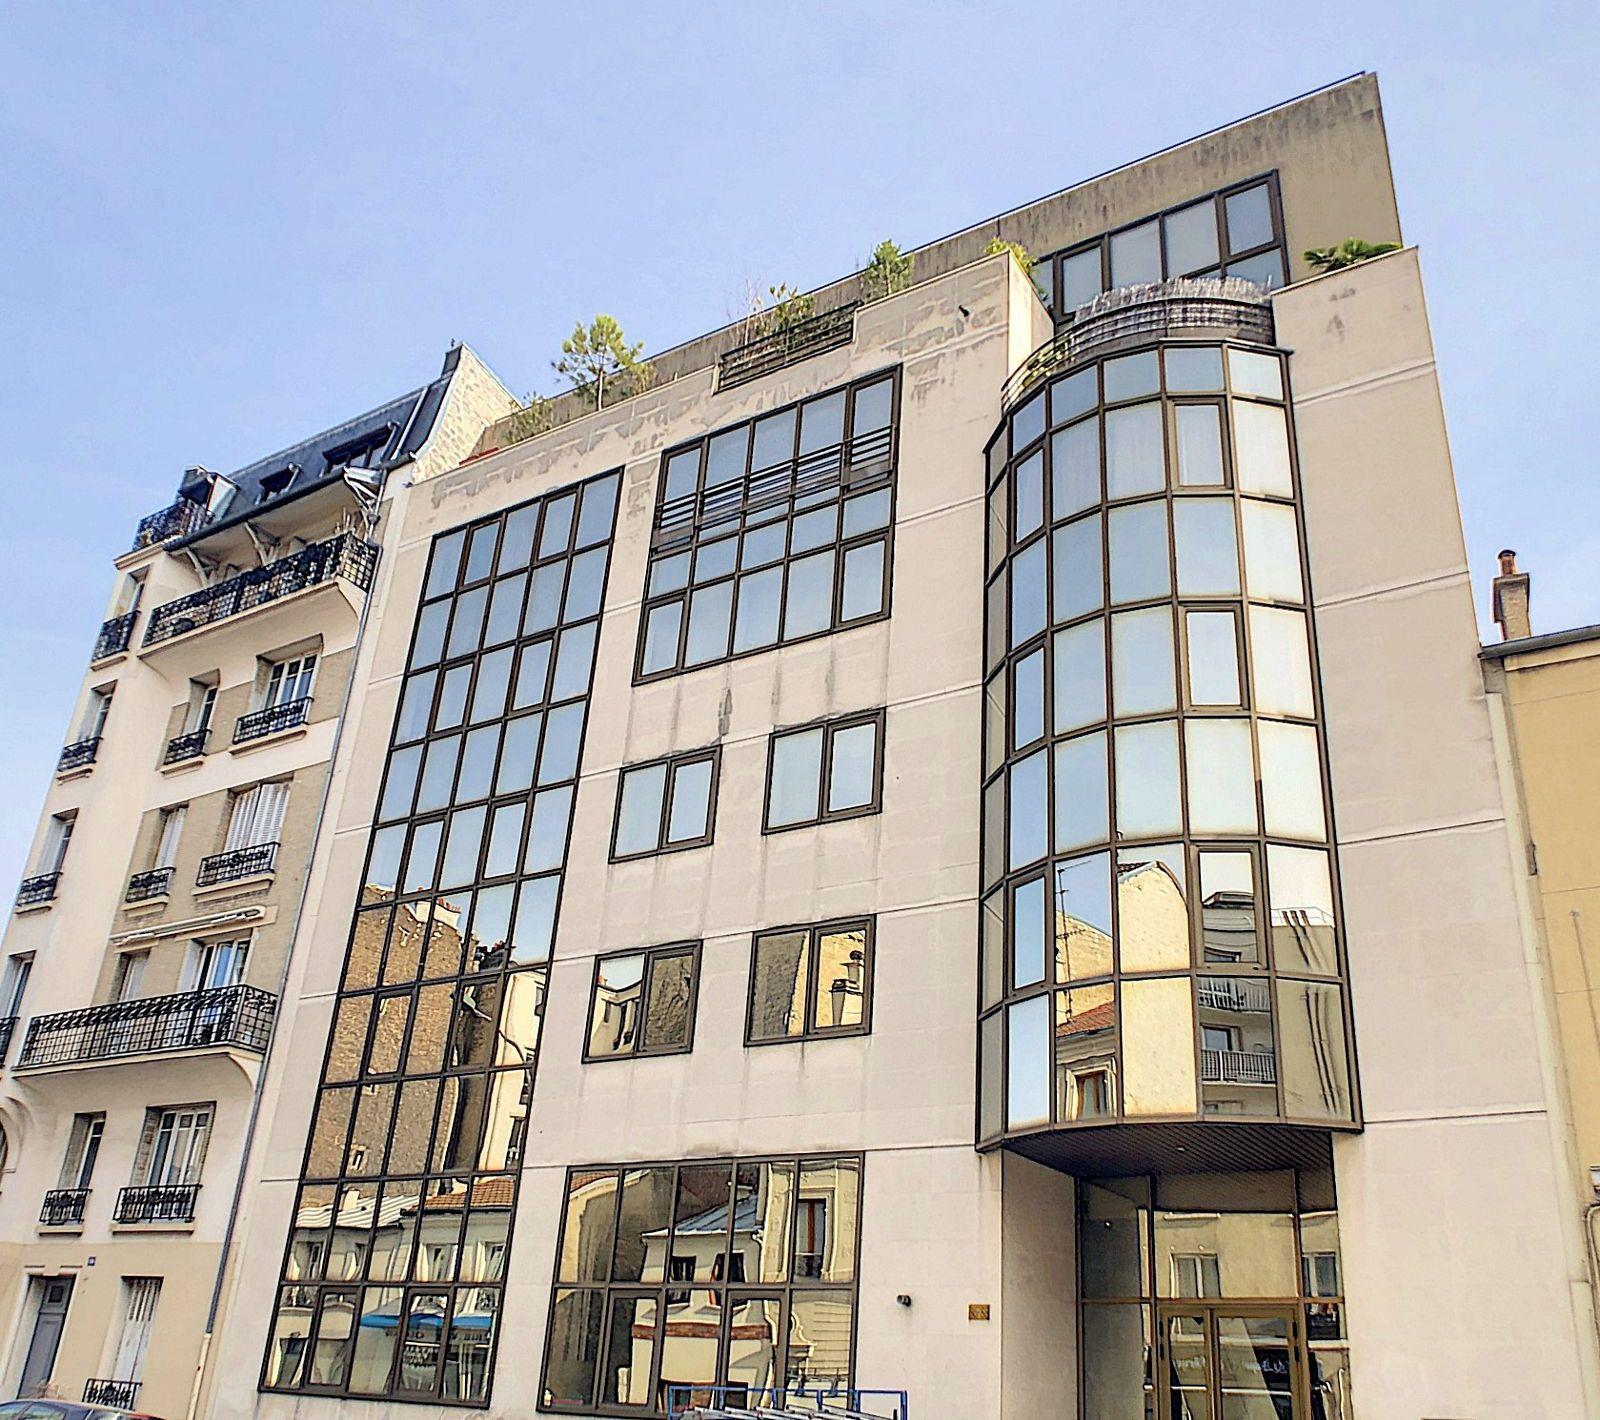 Vends appartement atypique de 98.50m², 3chambres, entièrement rénové par architecte à Asnières-sur-Seine (92)